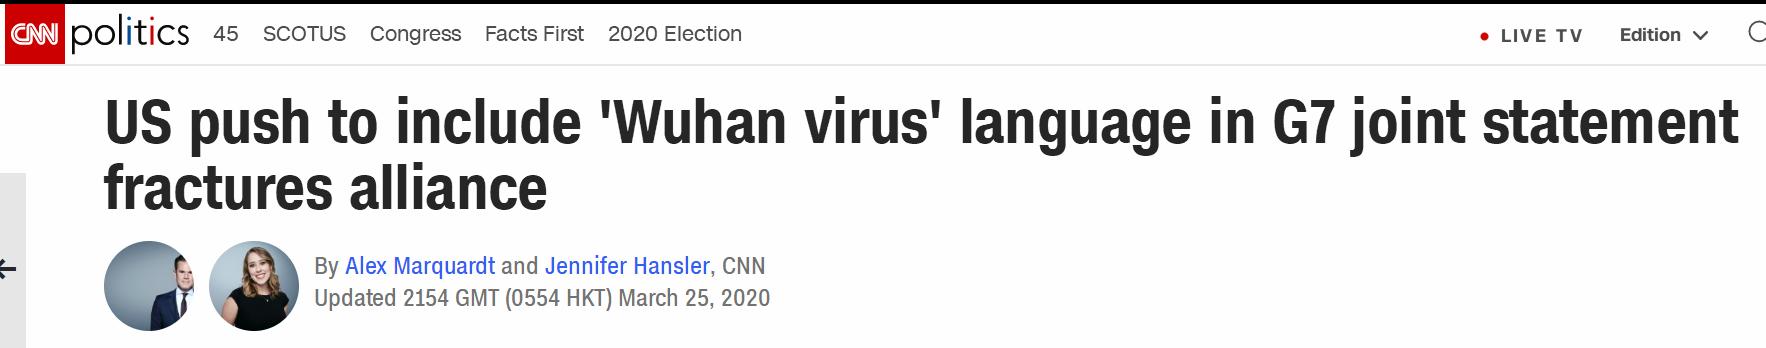 """CNN3月25日报道:""""美国推动将'武汉病毒'纳入G7联合声明,促使该联盟分裂"""""""